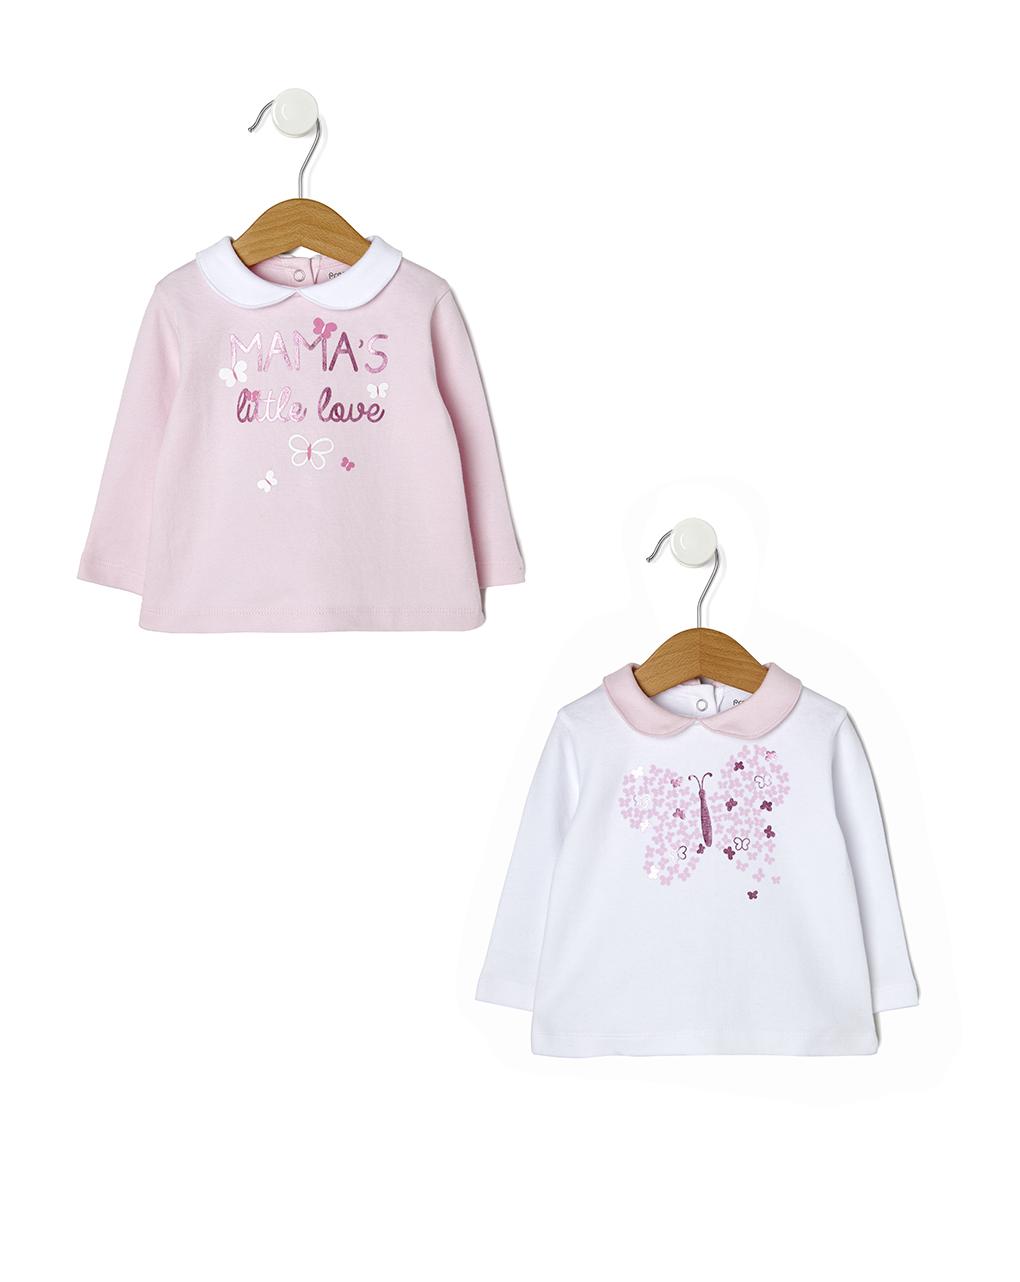 Μπλούζα Βαμβακερή Πακέτο Χ2 για Κορίτσι